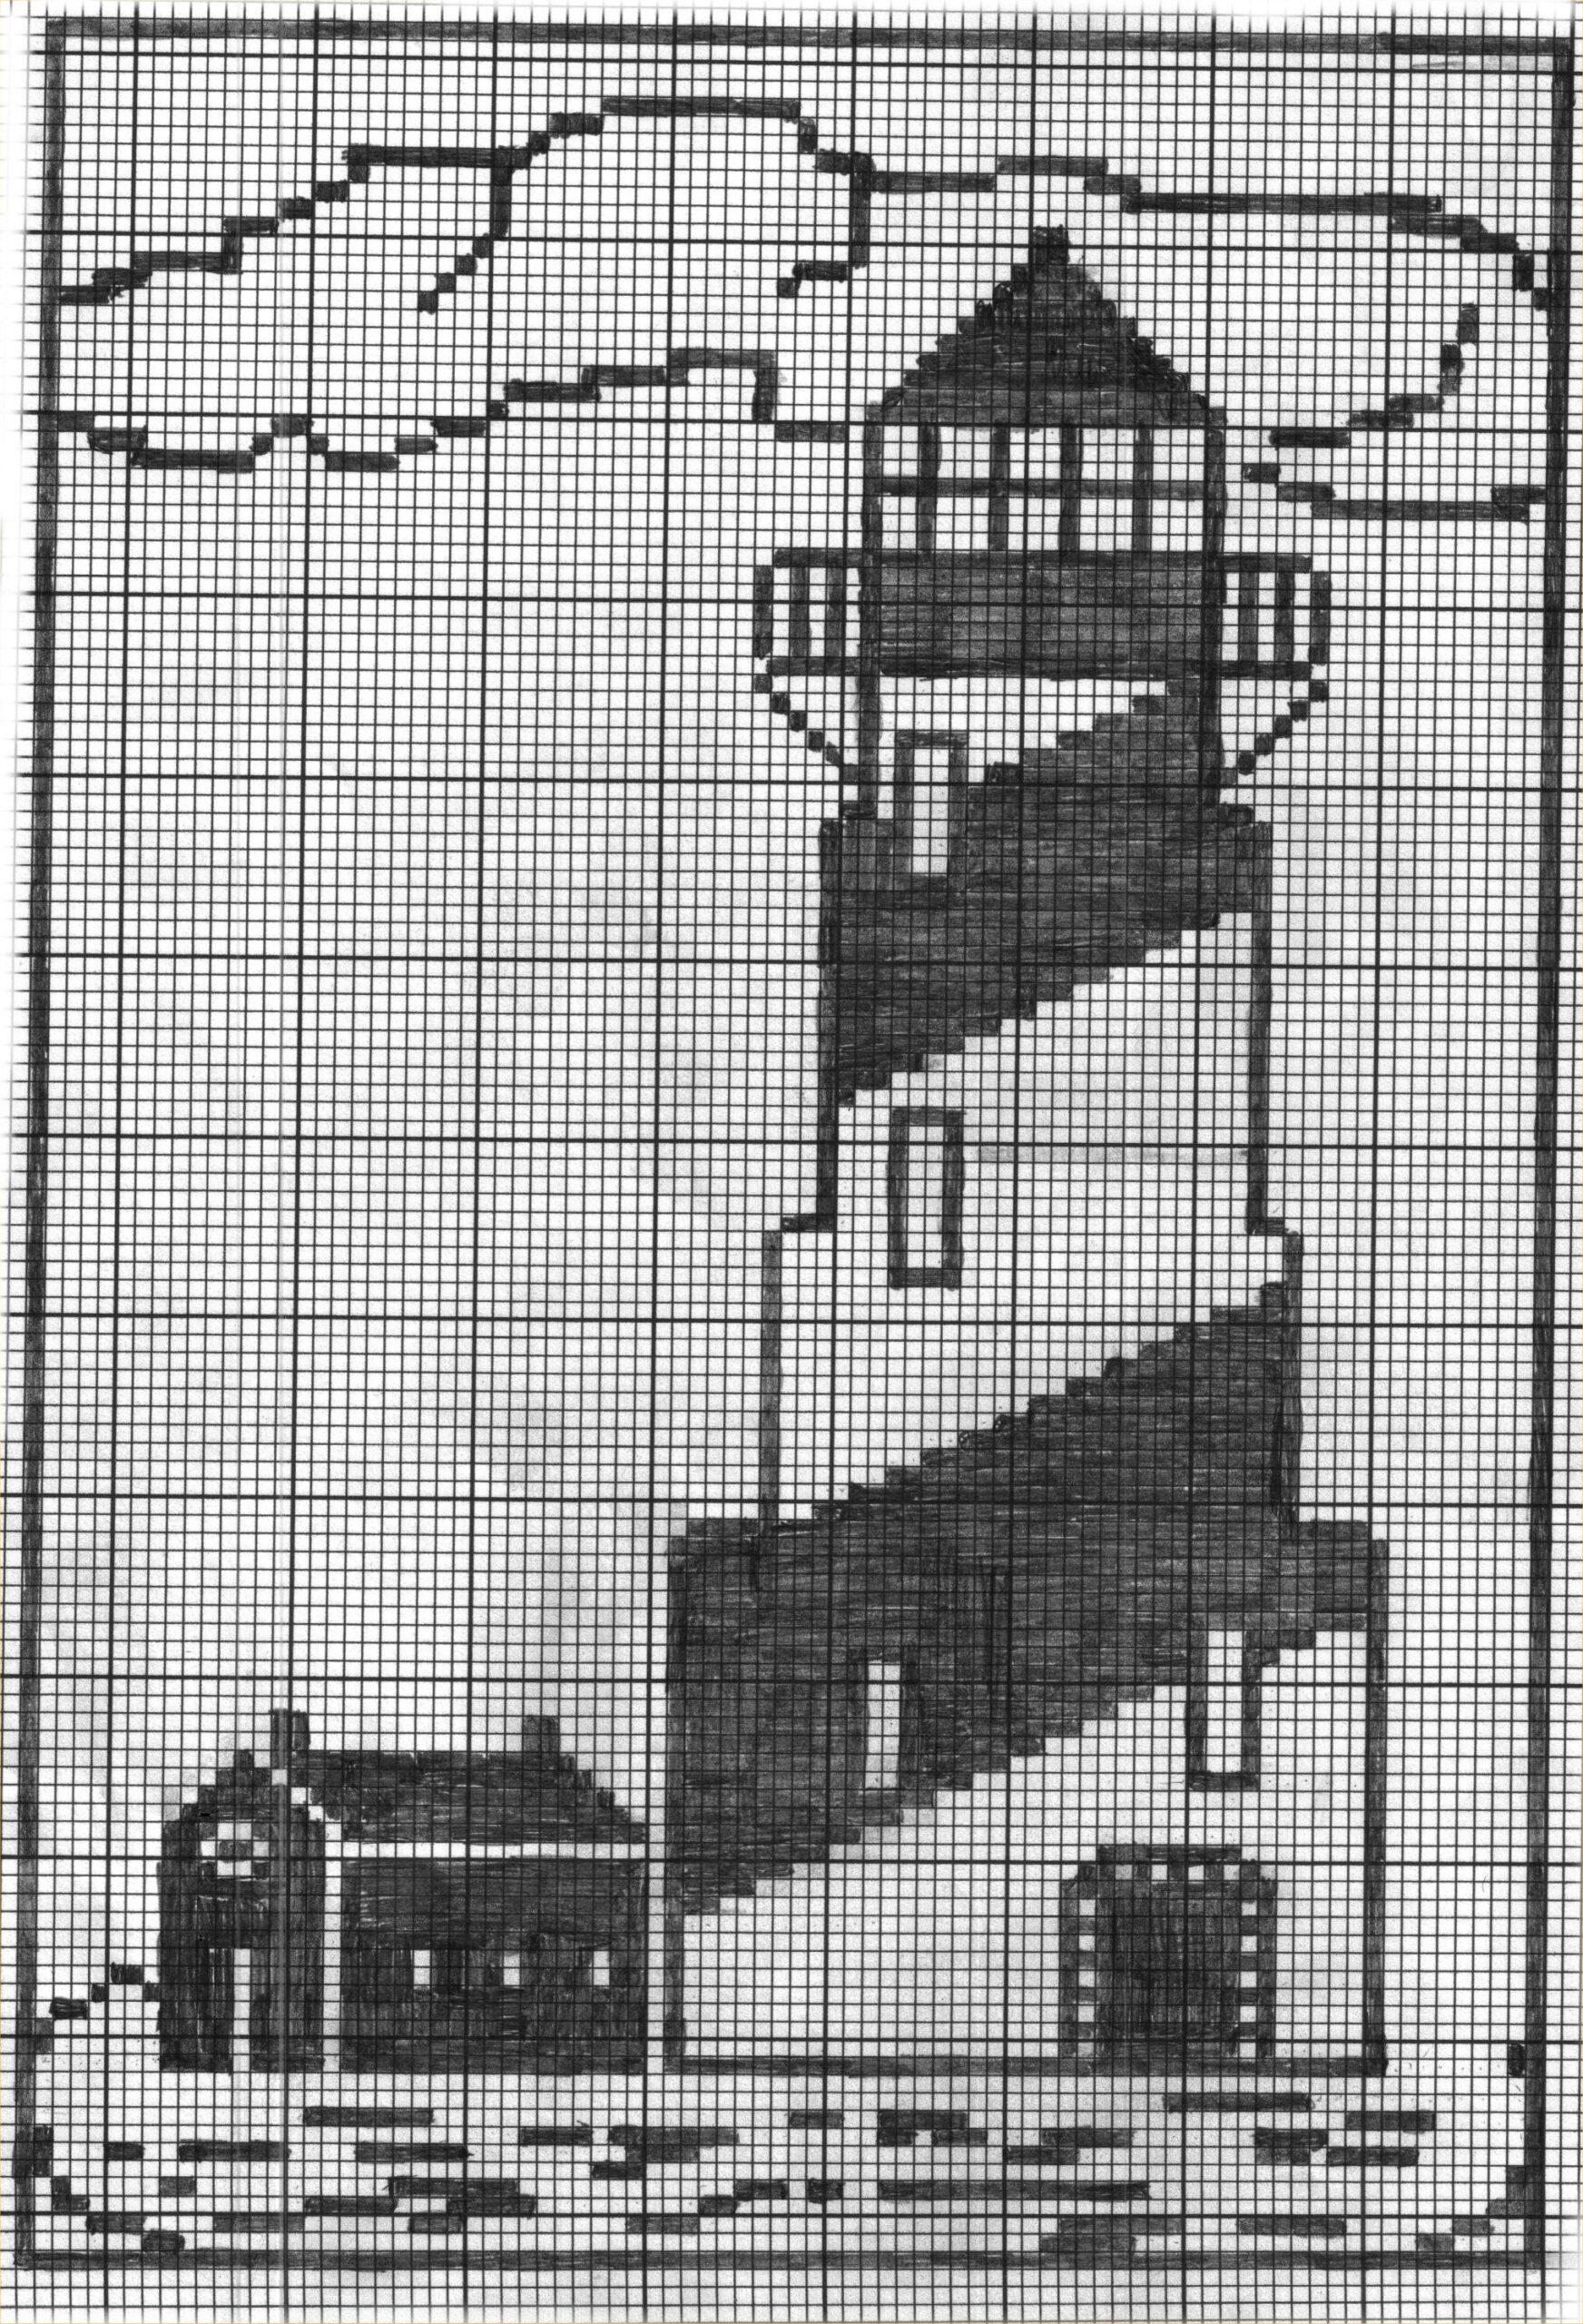 Full Size of Häkelmuster Gardine Lighthouse3jpg 20332985 With Images Filet Crochet Charts Gardinen Für Die Küche Wohnzimmer Schlafzimmer Scheibengardinen Fenster Wohnzimmer Häkelmuster Gardine